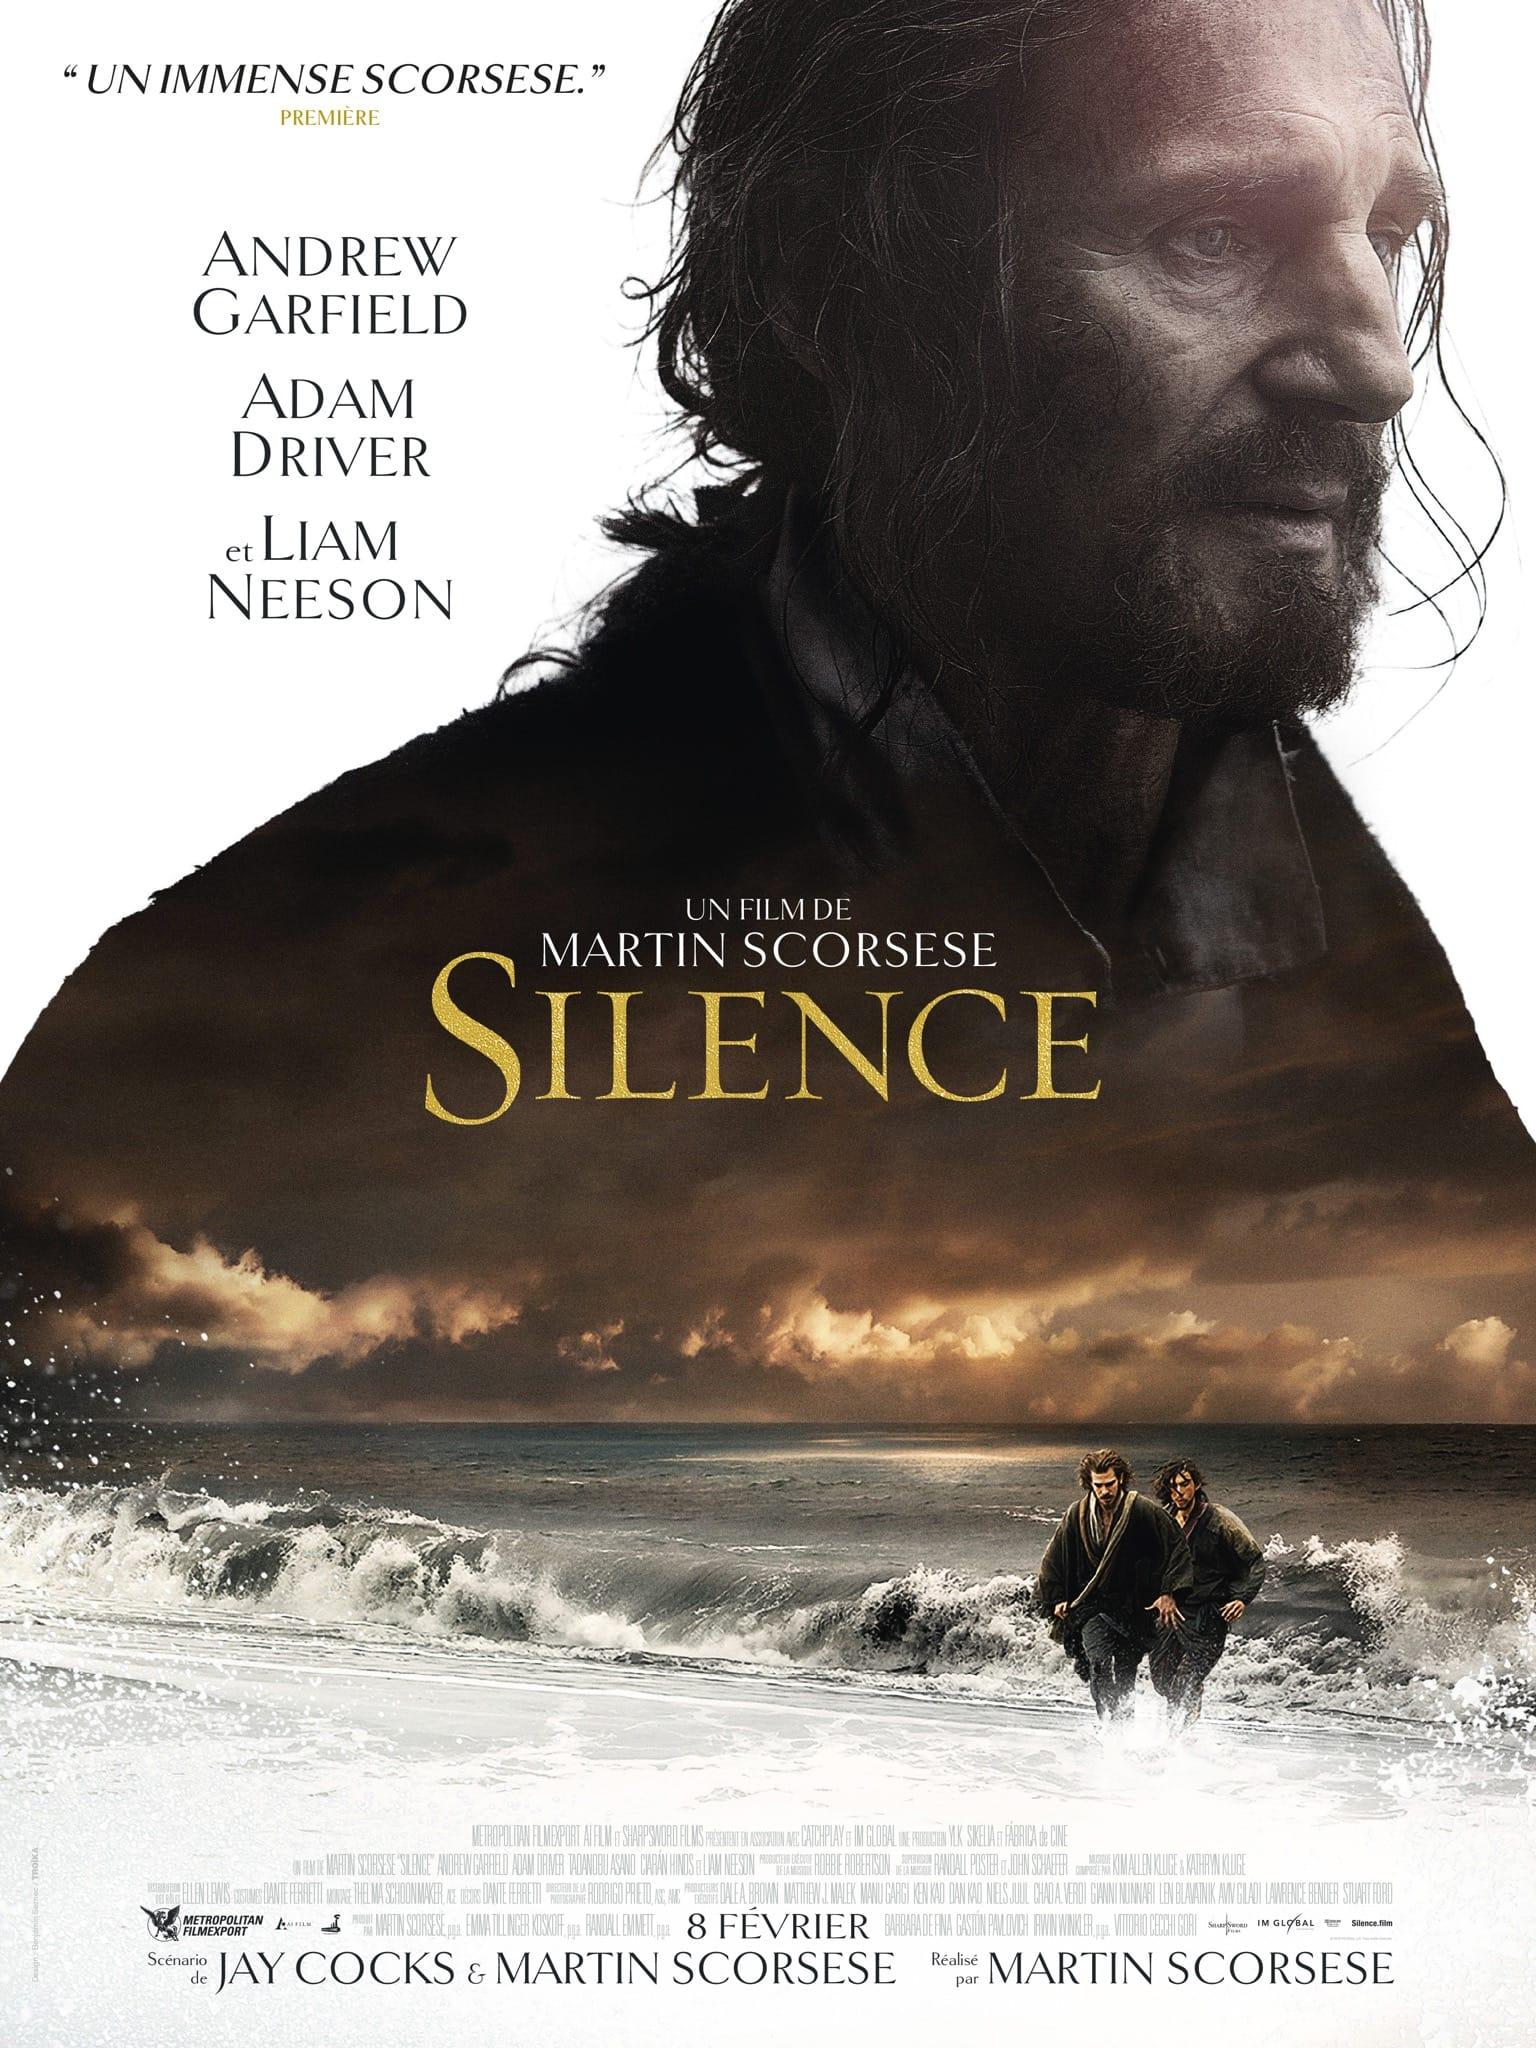 """[CRITIQUE] """"Silence"""" (2017) de Martin Scorsese 2 image"""